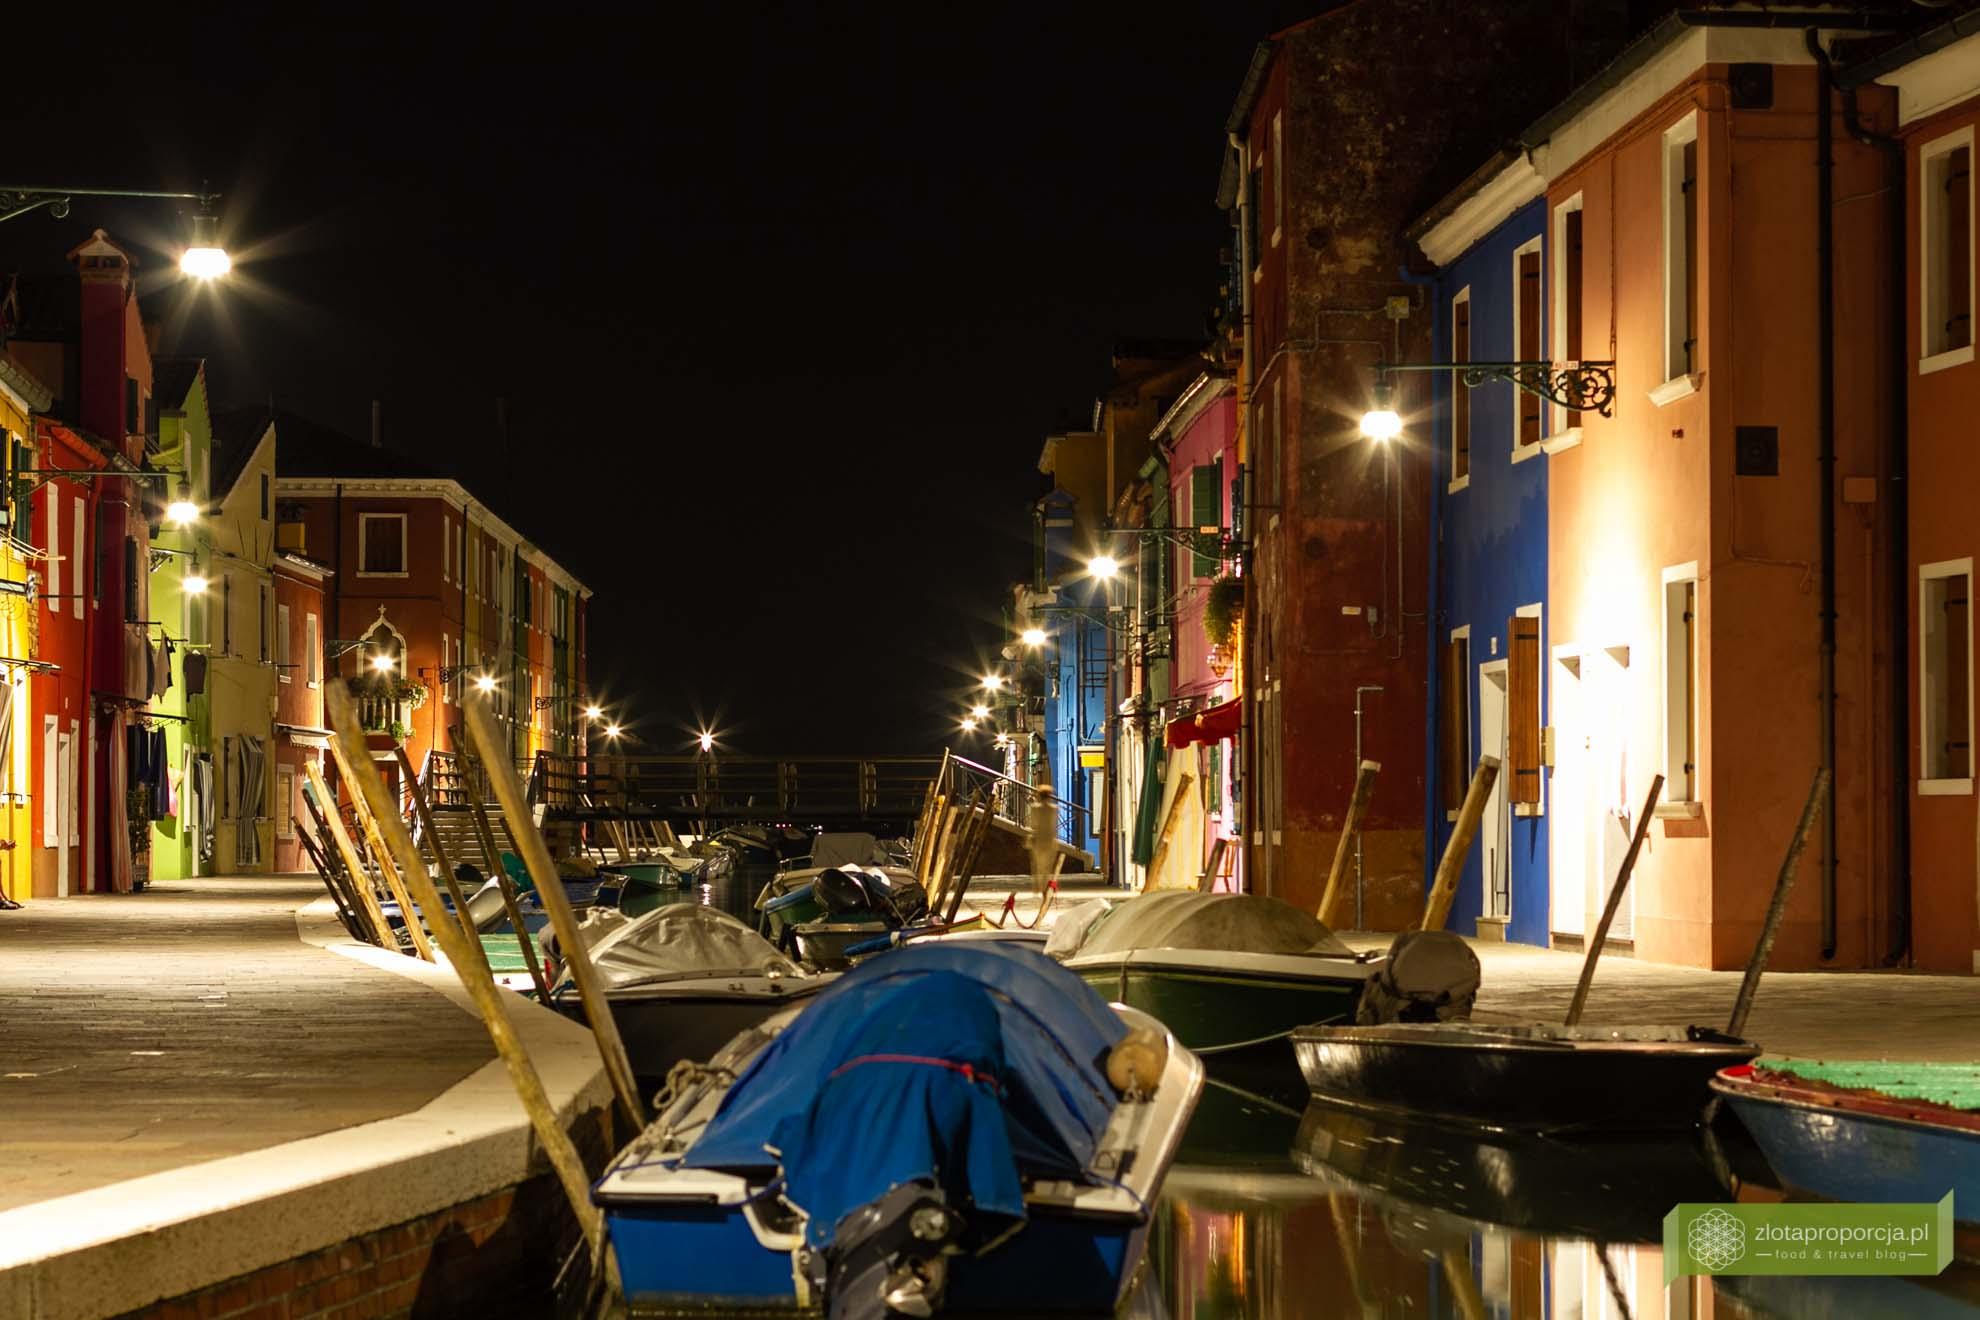 Burano, Wenecja, weneckie wyspy, atrakcje Wenecji; Włochy; atrakcje Włoch; Burano zwiedzanie; Wenecja kolorowa wyspa; Burano nocą